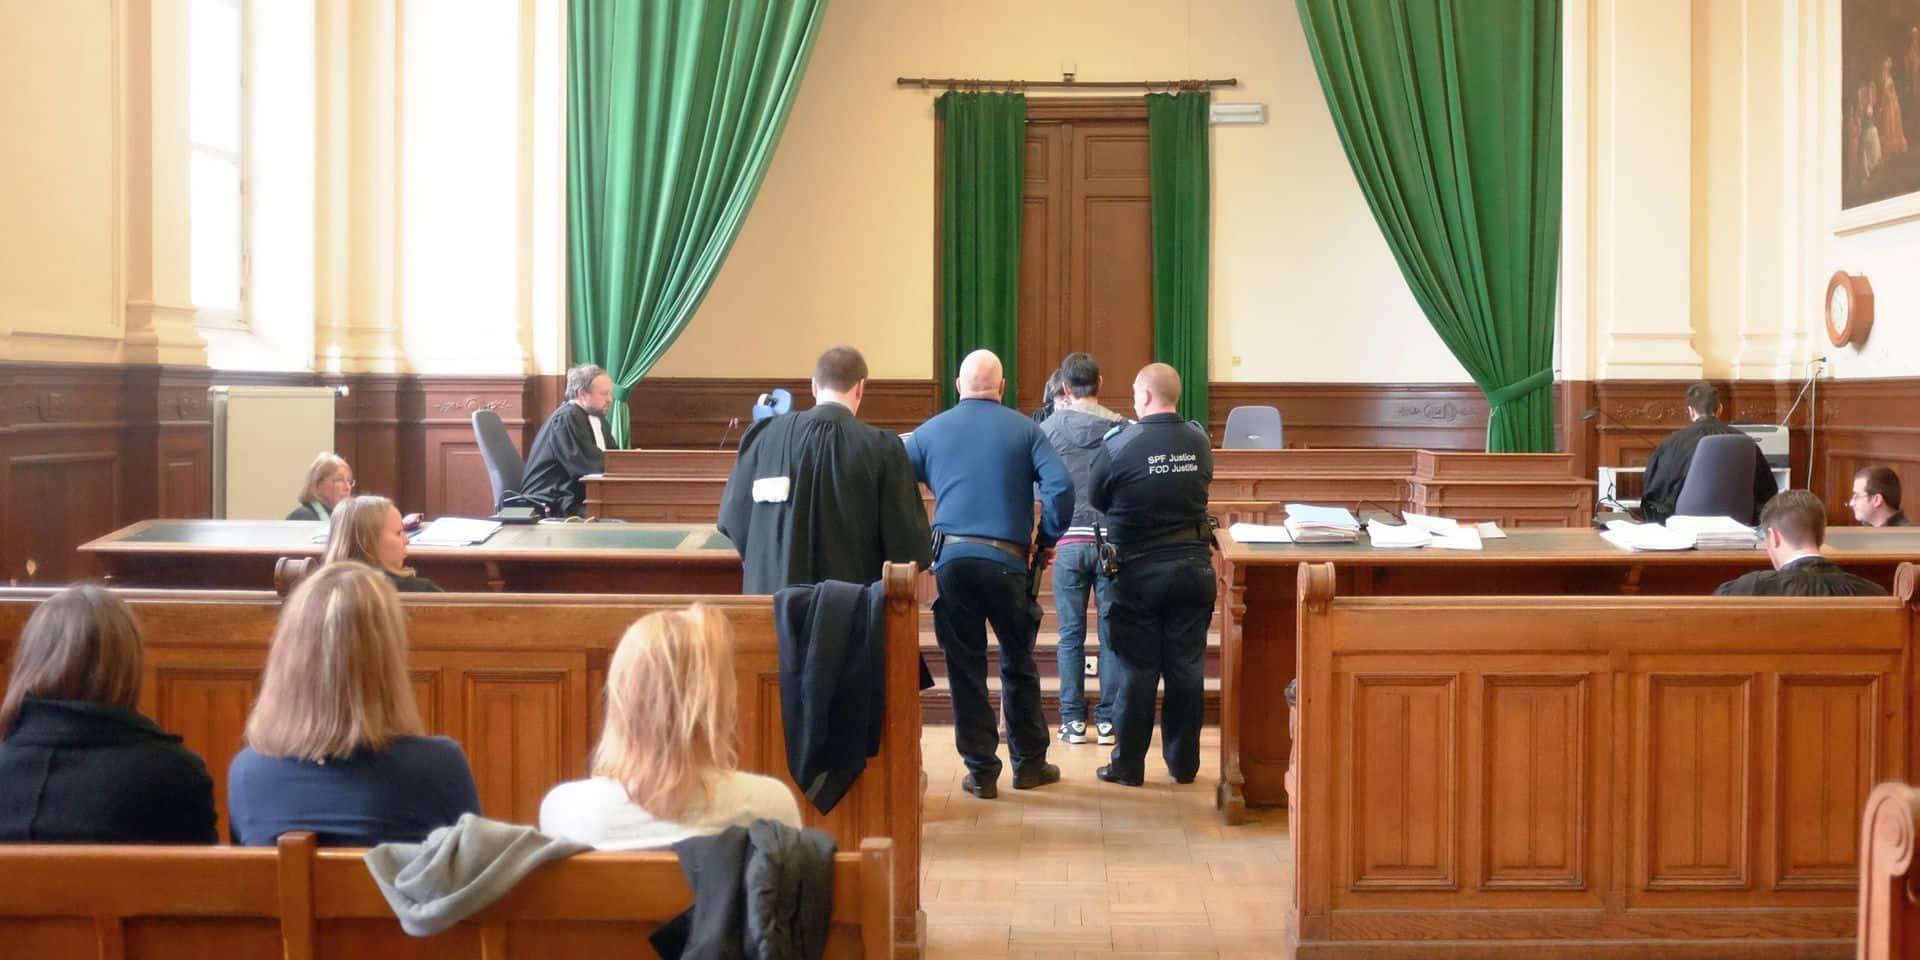 Un coach de roller hockey condamné à 8 ans de prison pour le viol de plusieurs jeunes joueurs